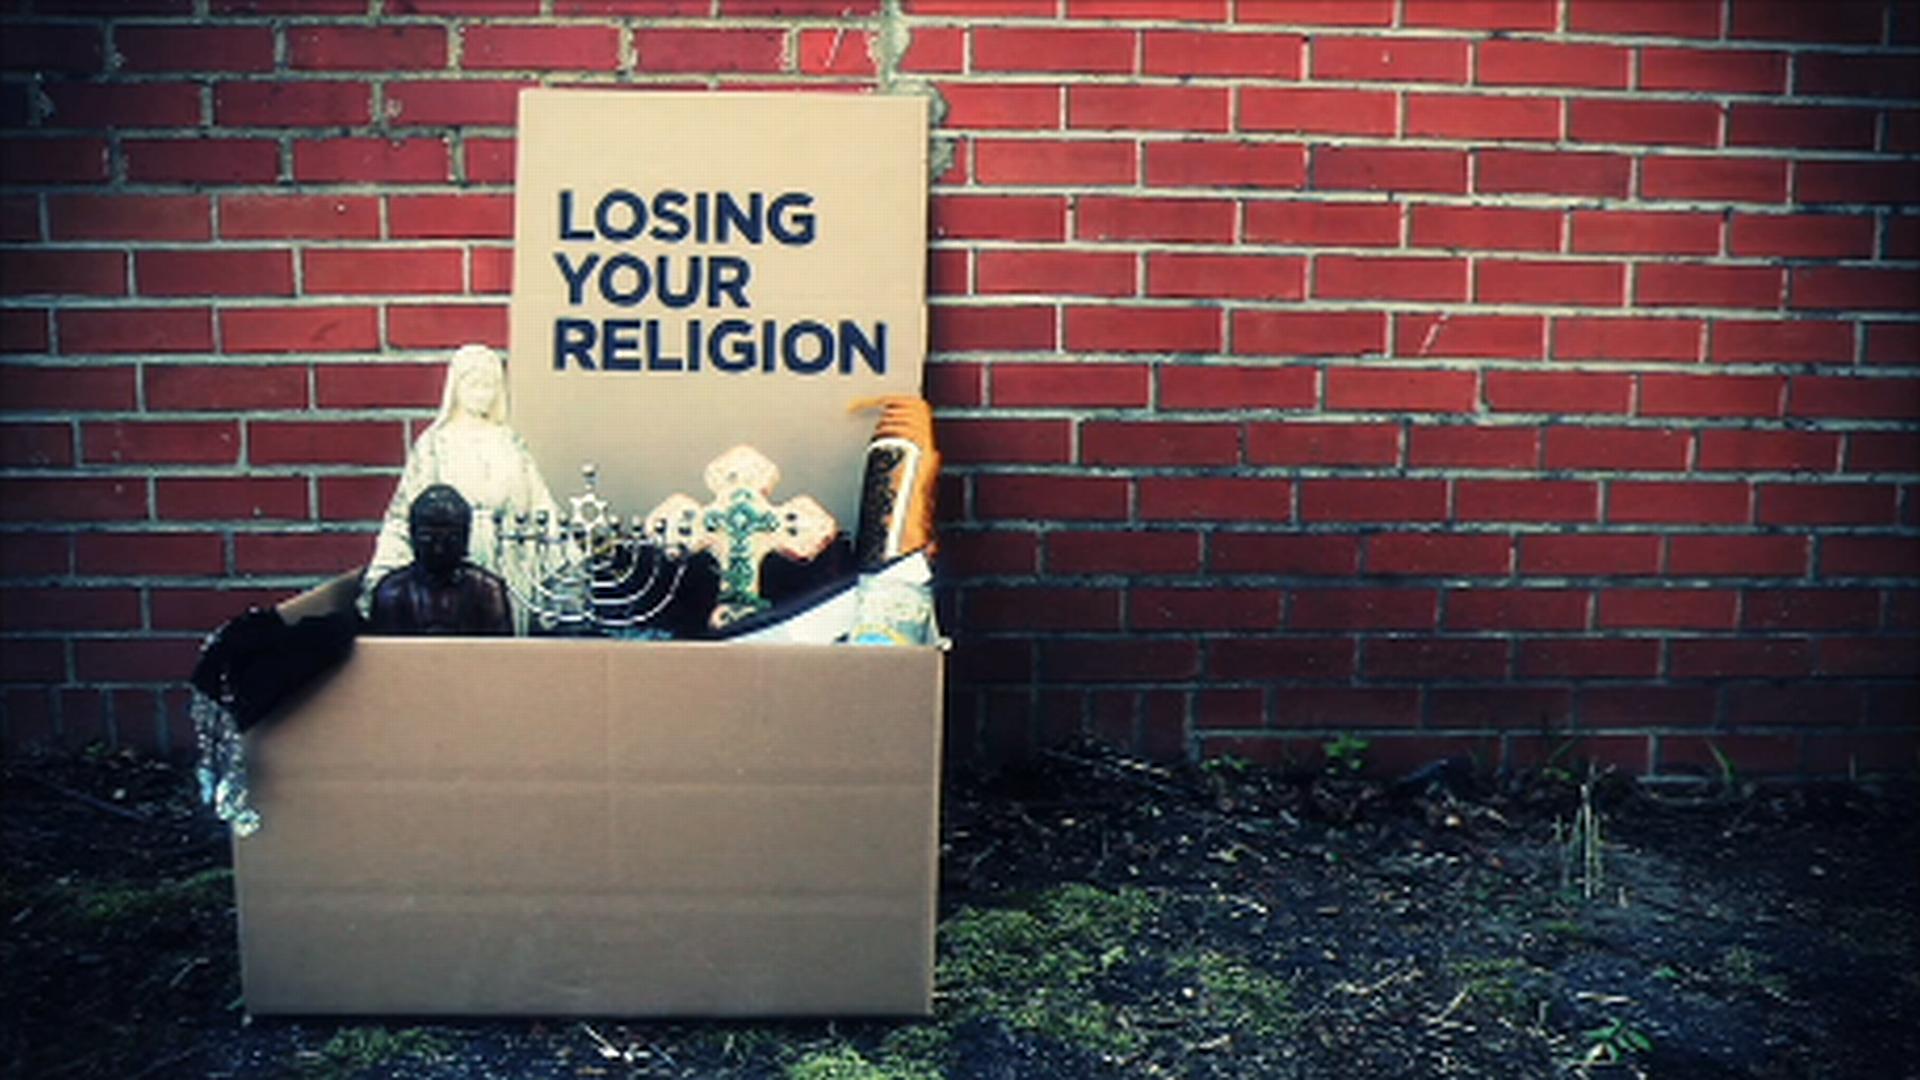 - Losing Your Religion 4: Somebody to LoveNovember 11, 2018Speaker: Jim Dunn